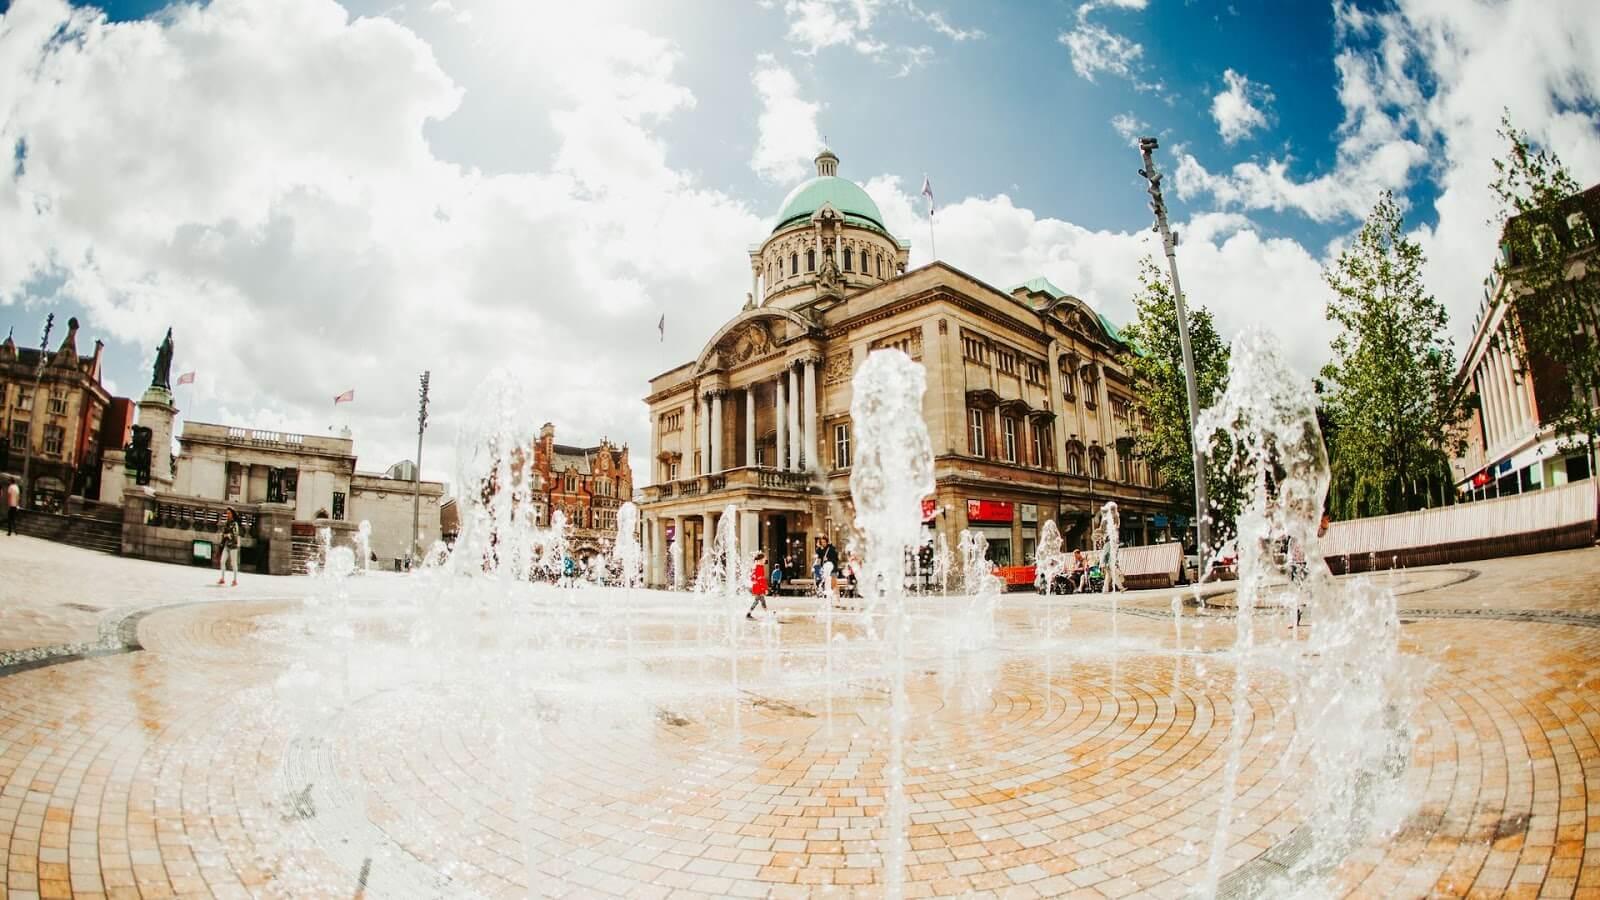 Hull Victoria Square